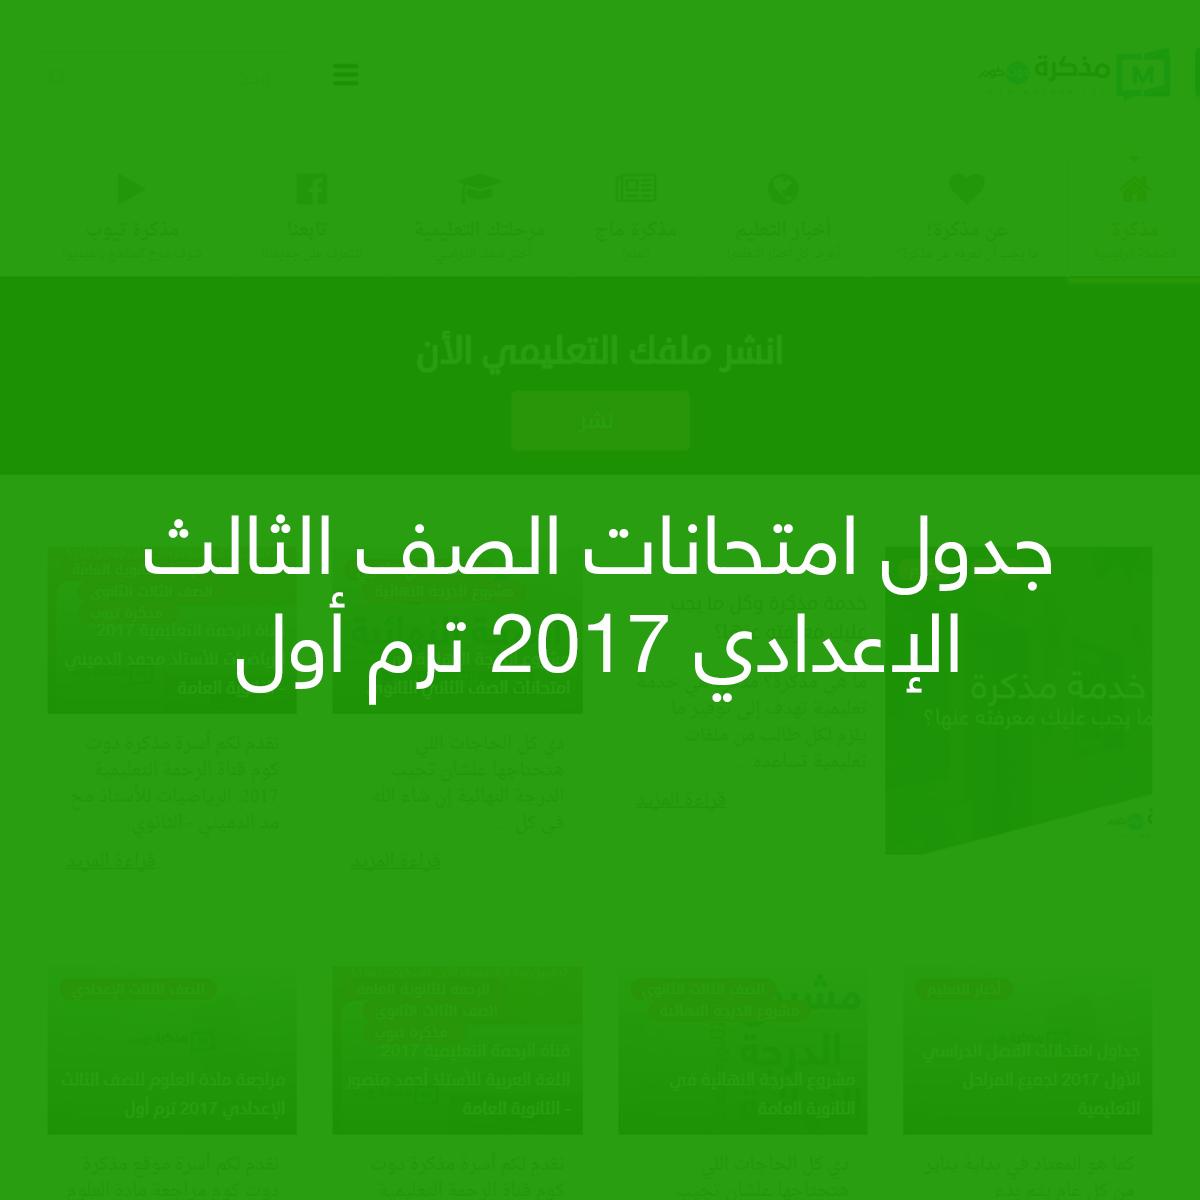 جدول امتحانات الصف الثالث الإعدادي 2017 ترم أول